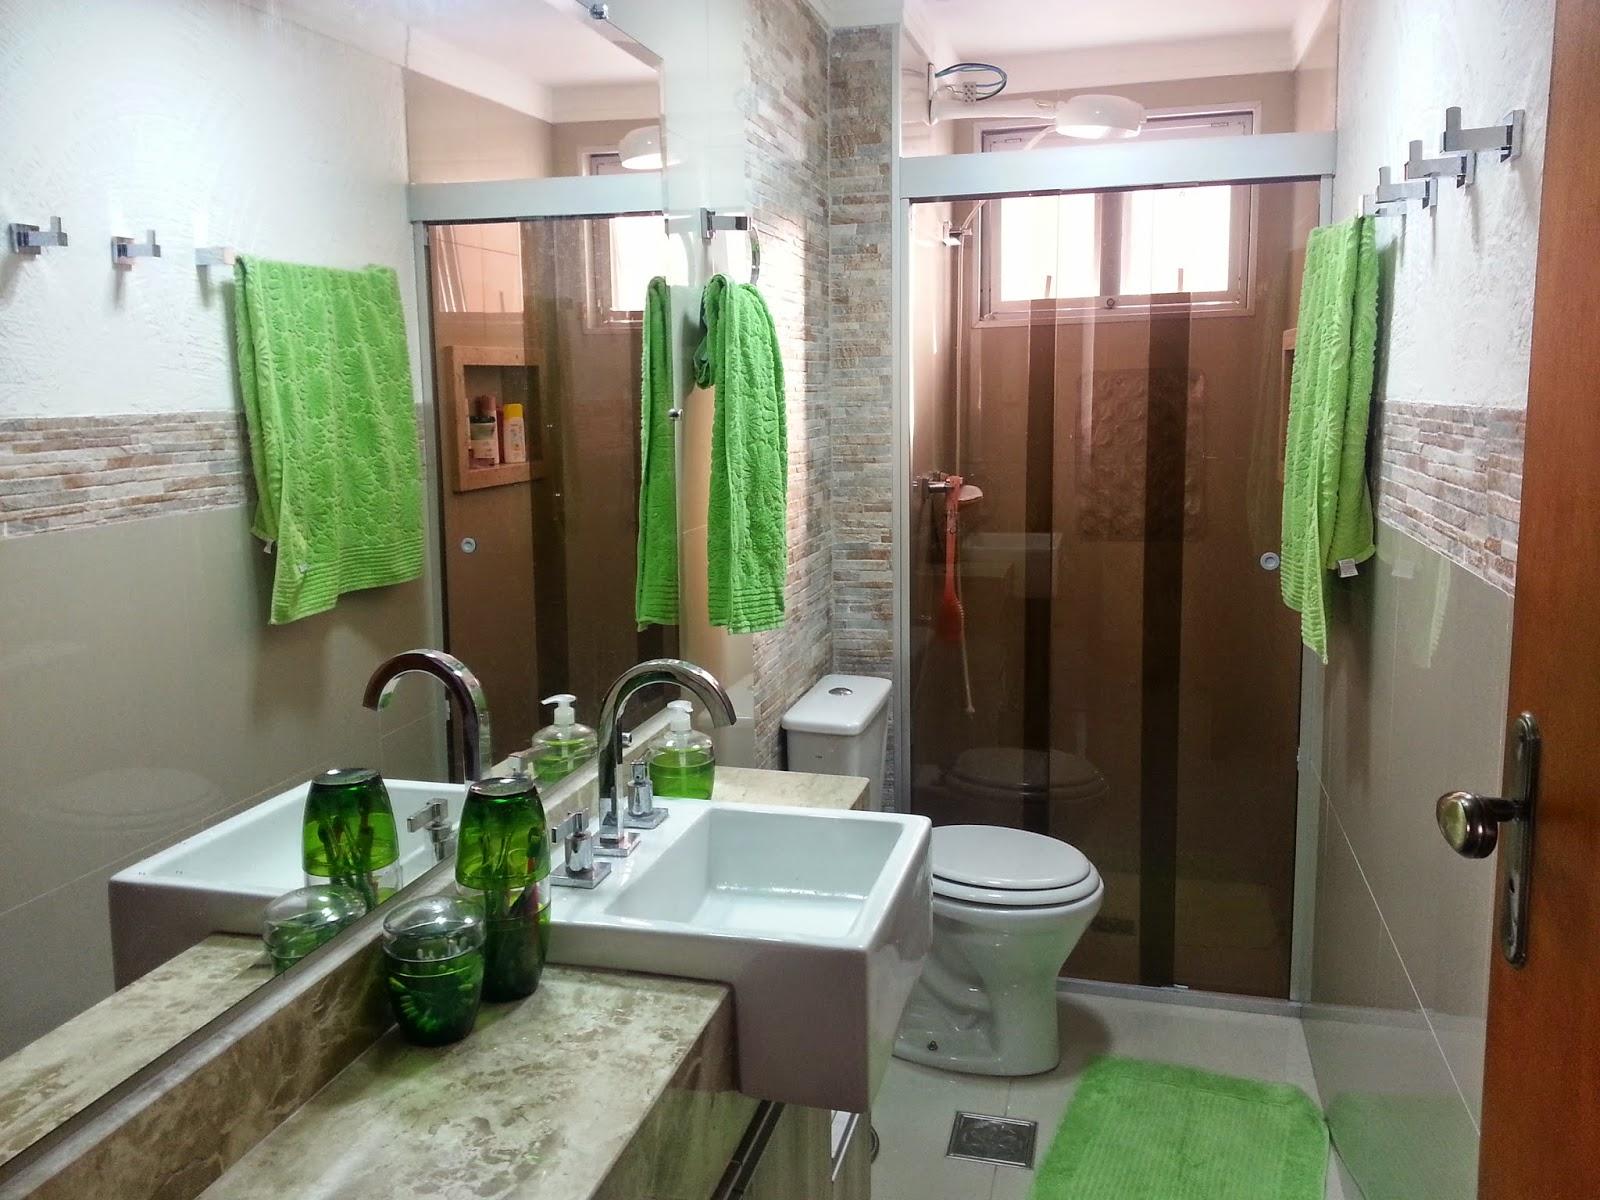 meu xodózinho depois da reforma quebrei muito a cuca com o banheiro  #654027 1600x1200 Banheiro Antes E Depois